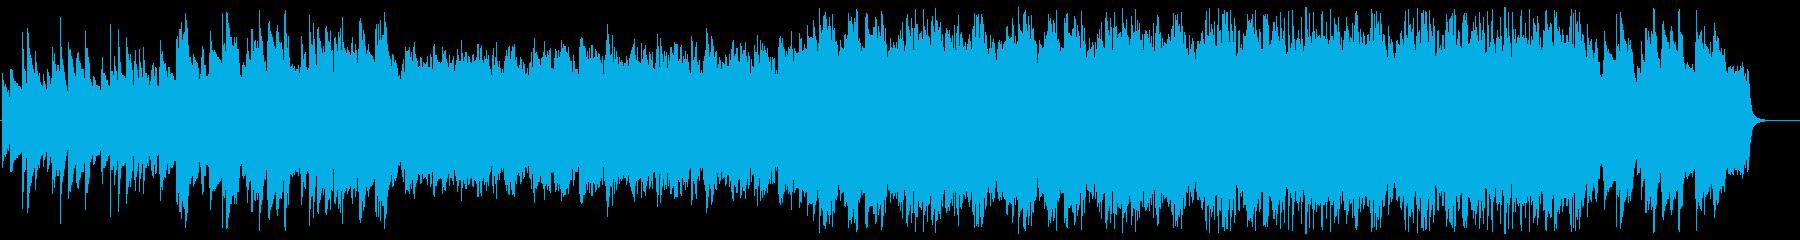 ゆったり落ち着いたベルの曲の再生済みの波形